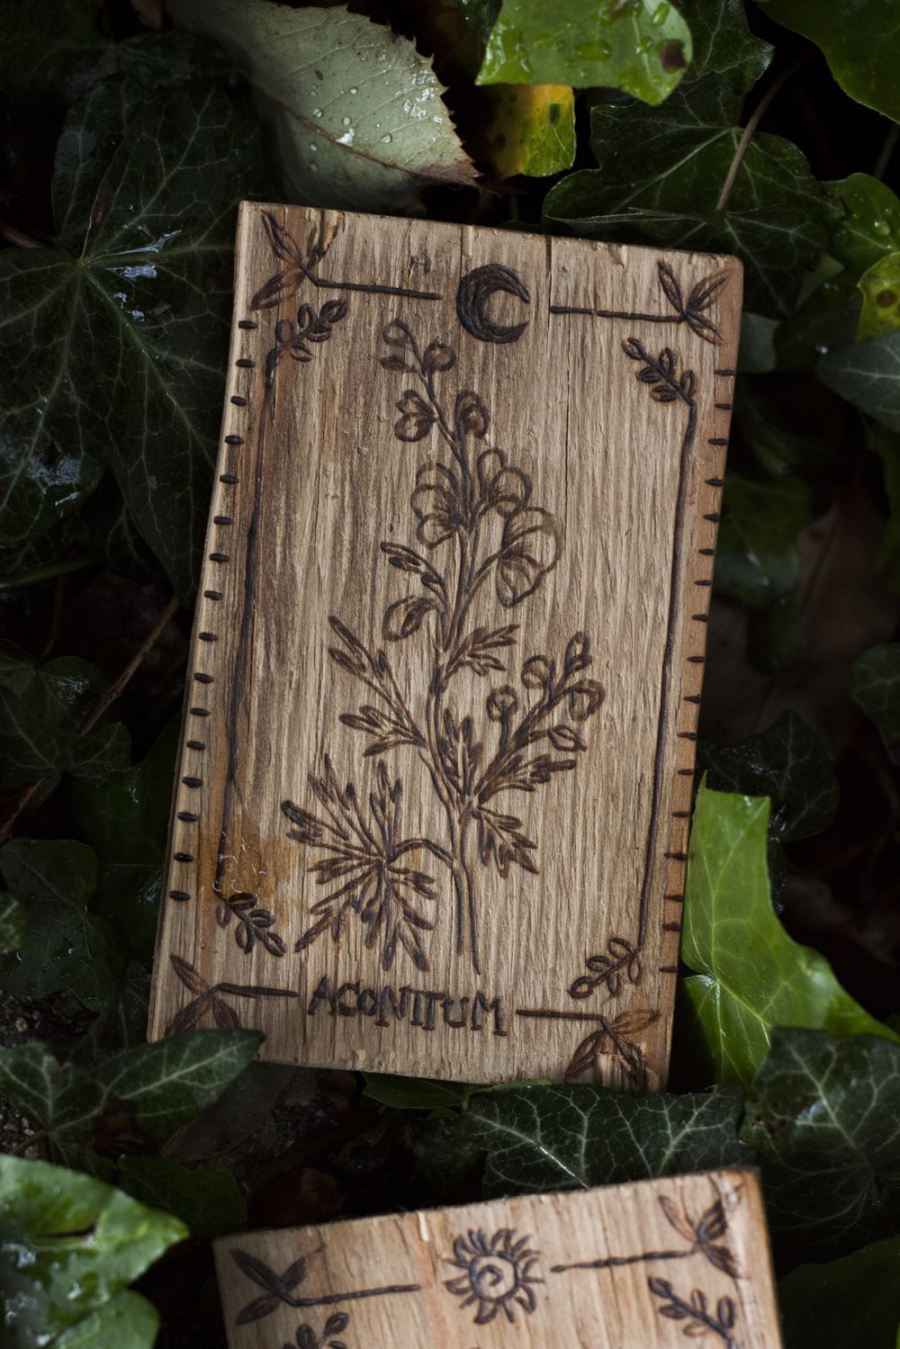 Décoration carte de tarot en bois inspirée des gravures anciennes botaniques de plantes, naturalisme, aconit napel, upcyclé, par l'atelier de la Lettre aux ours - Missive to Bears, artisanat écologique et français en Normandie